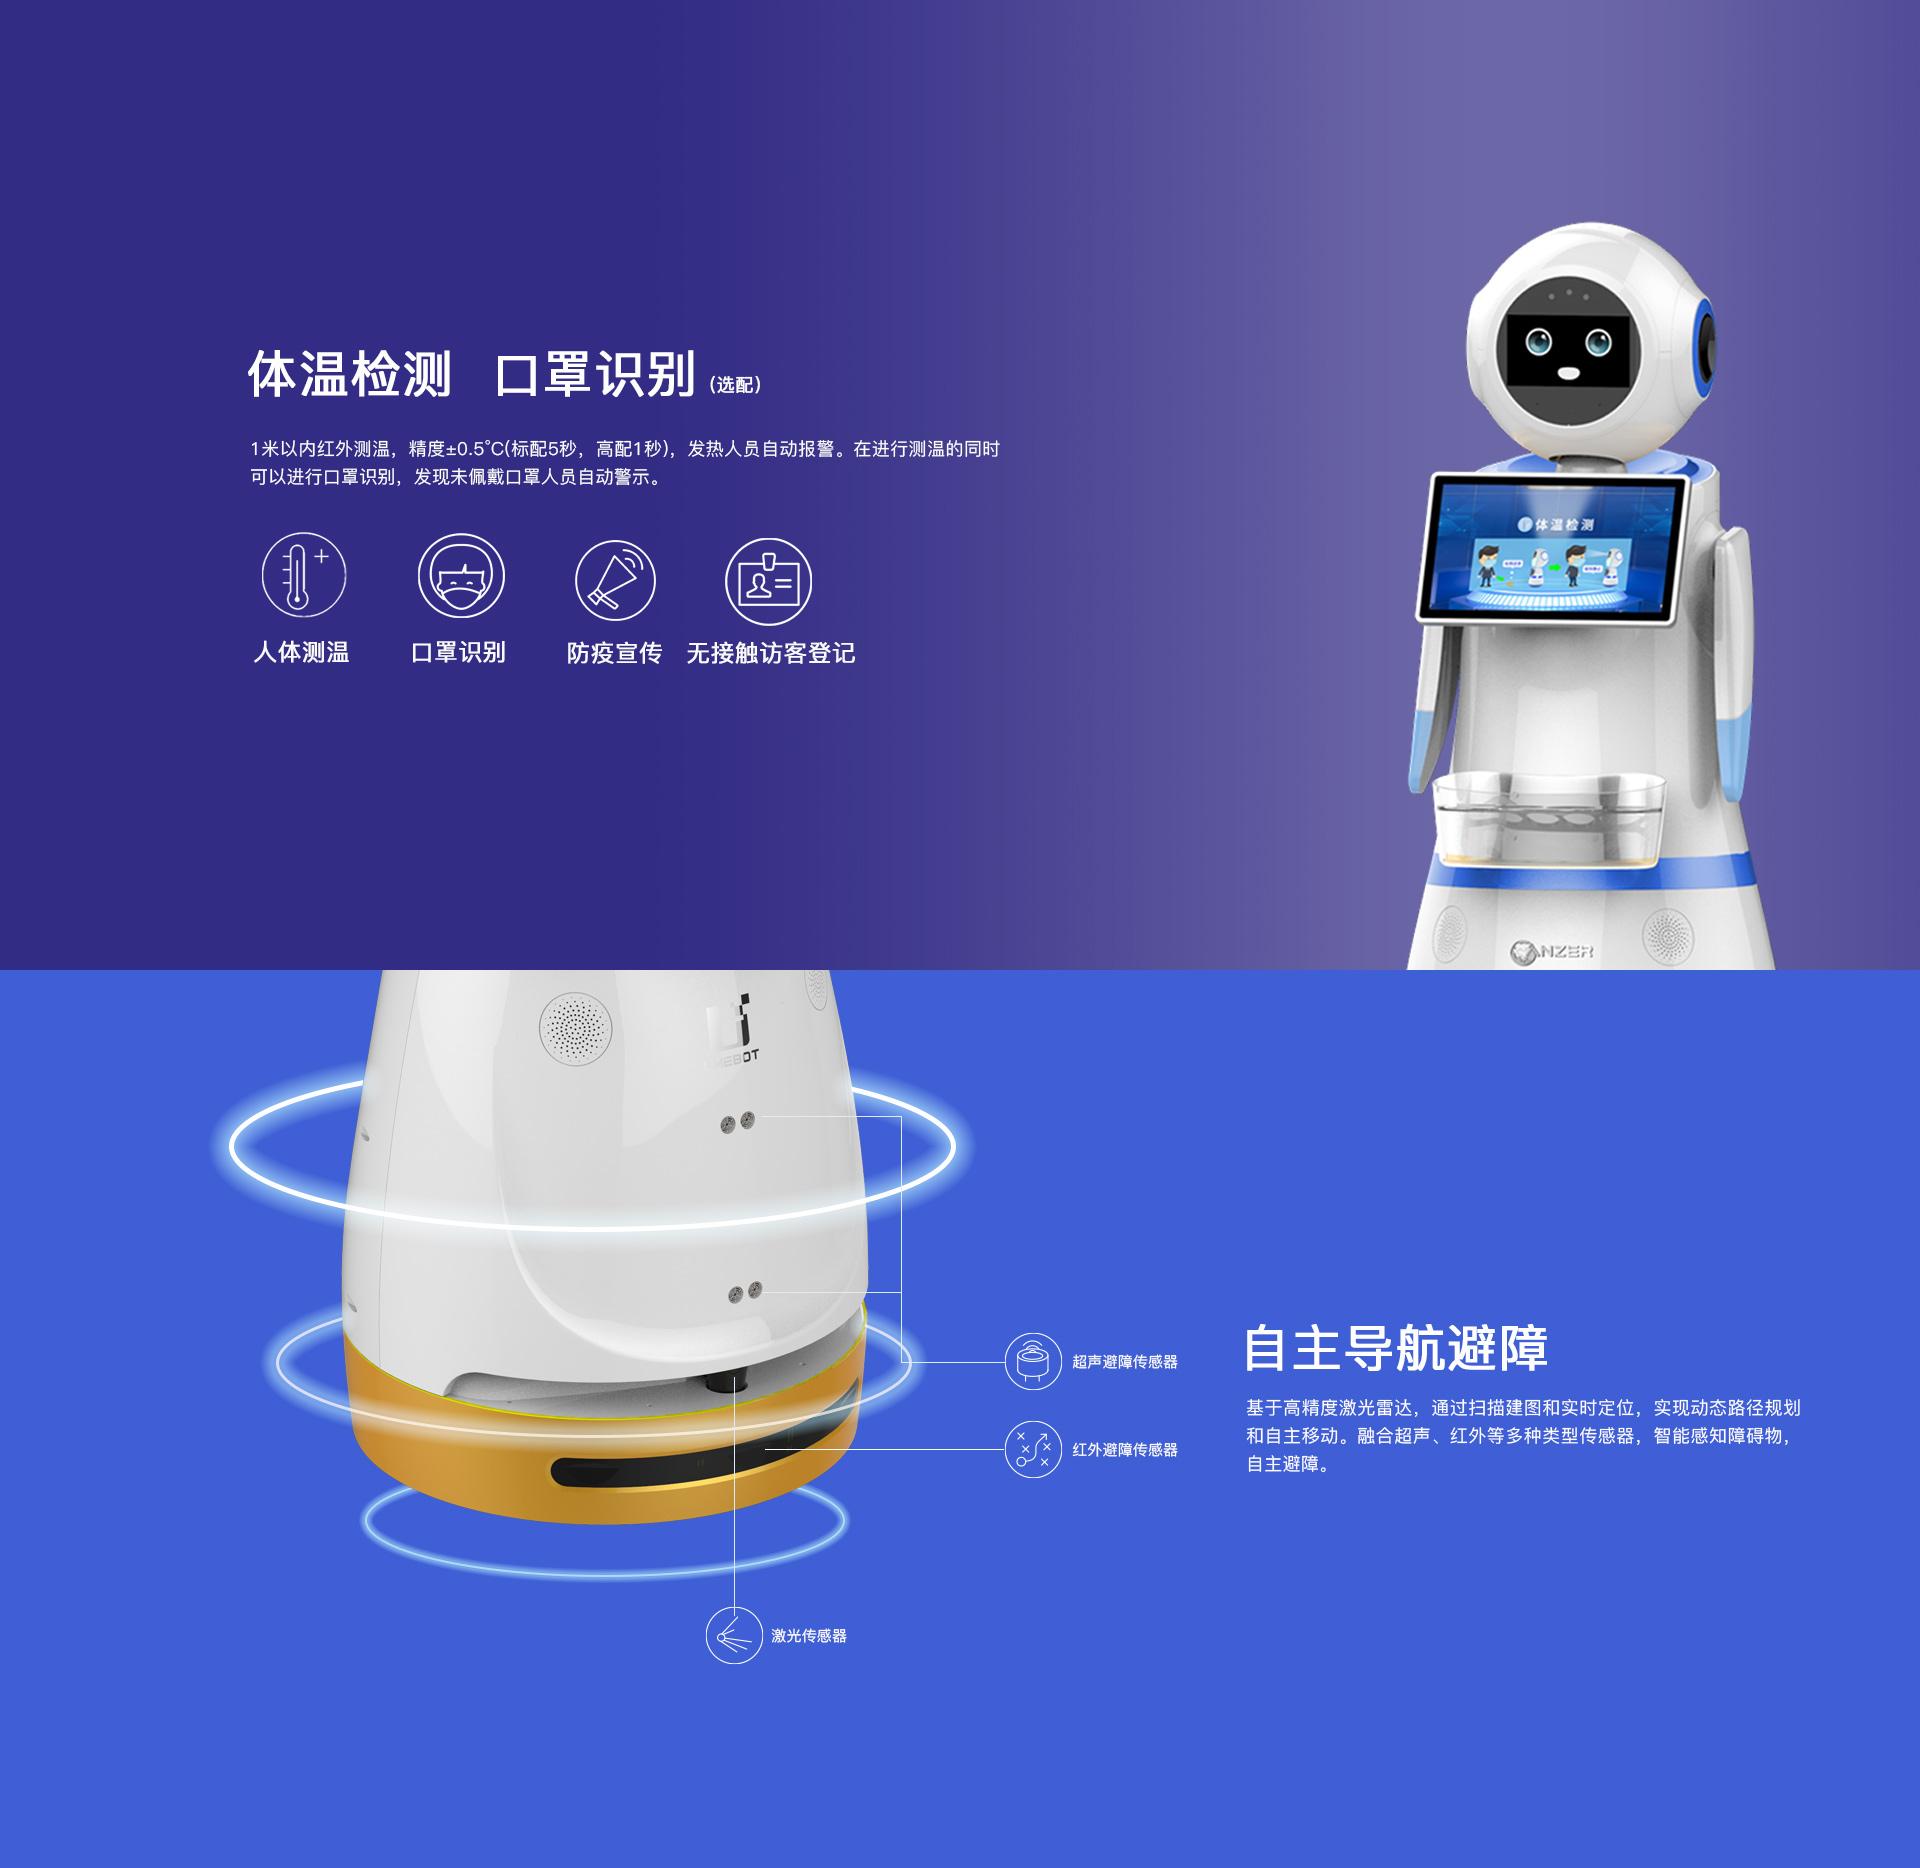 安优米商用服务机器人 I